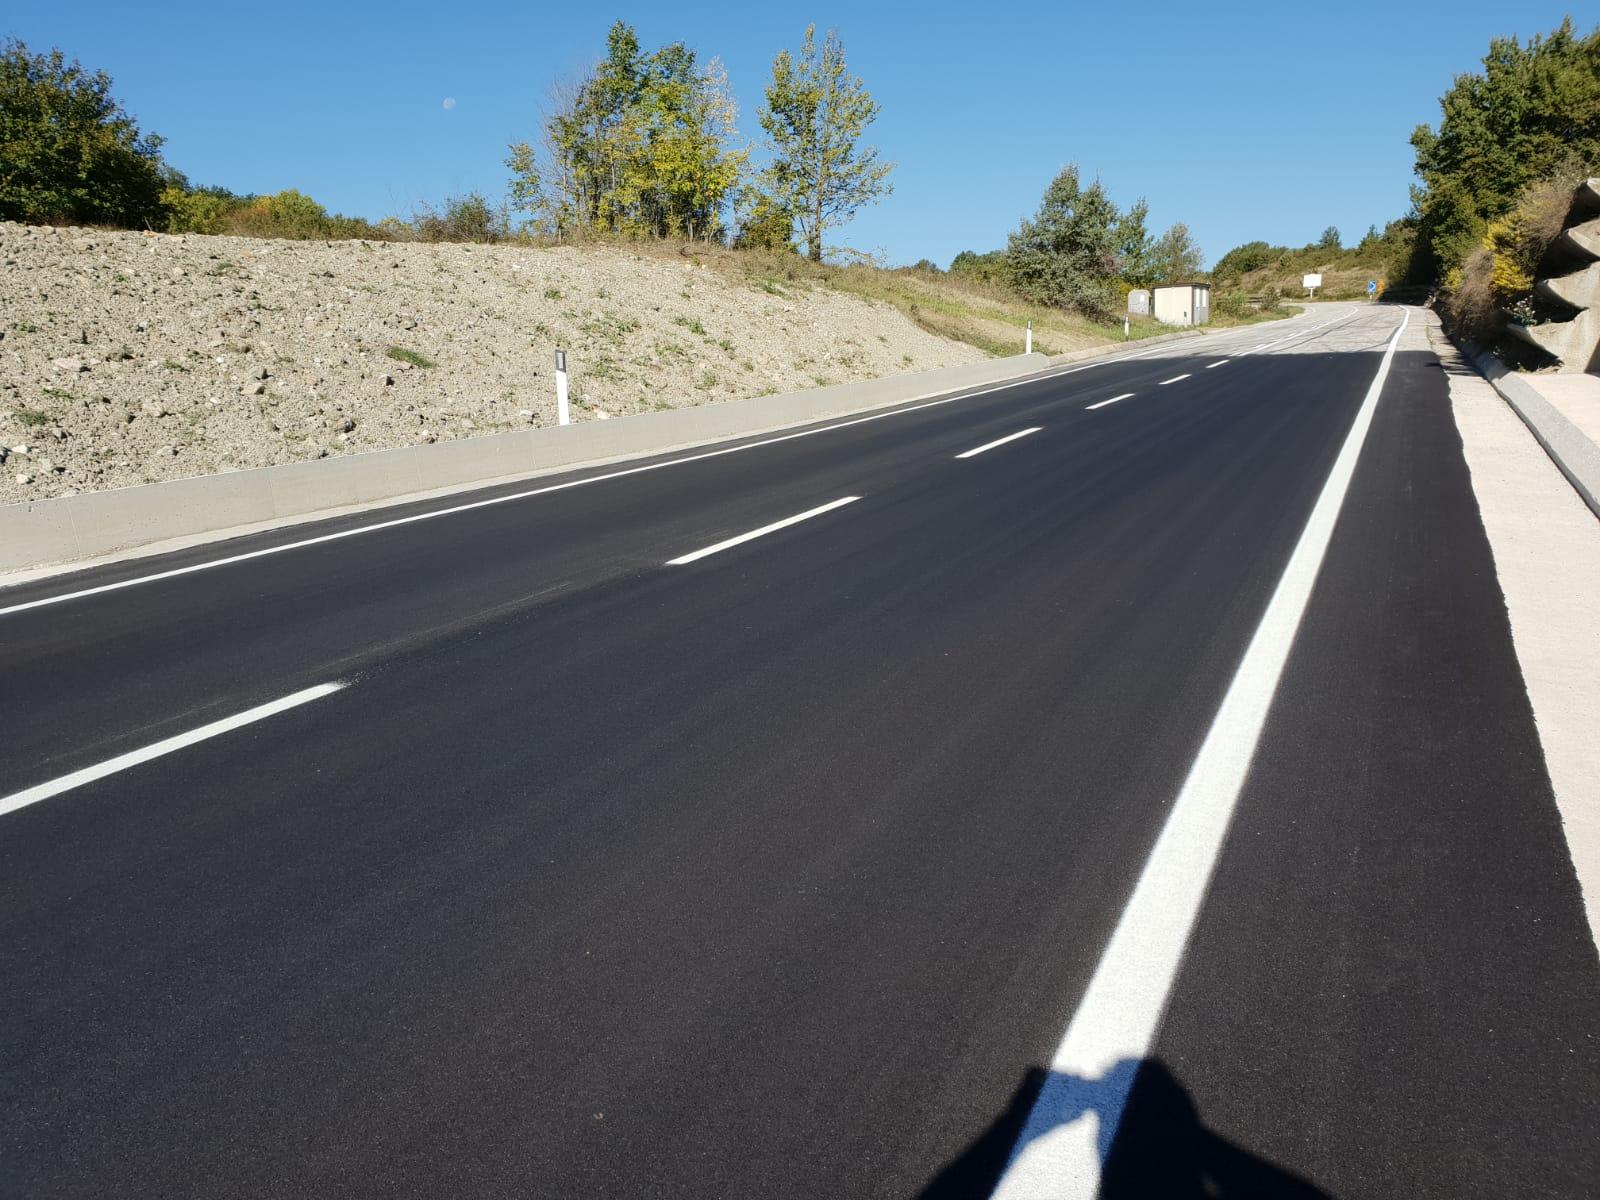 """Matticoli:""""Non solo viadotti chiusi"""". In arrivo buone nuove per la viabilità in provincia di Isernia"""